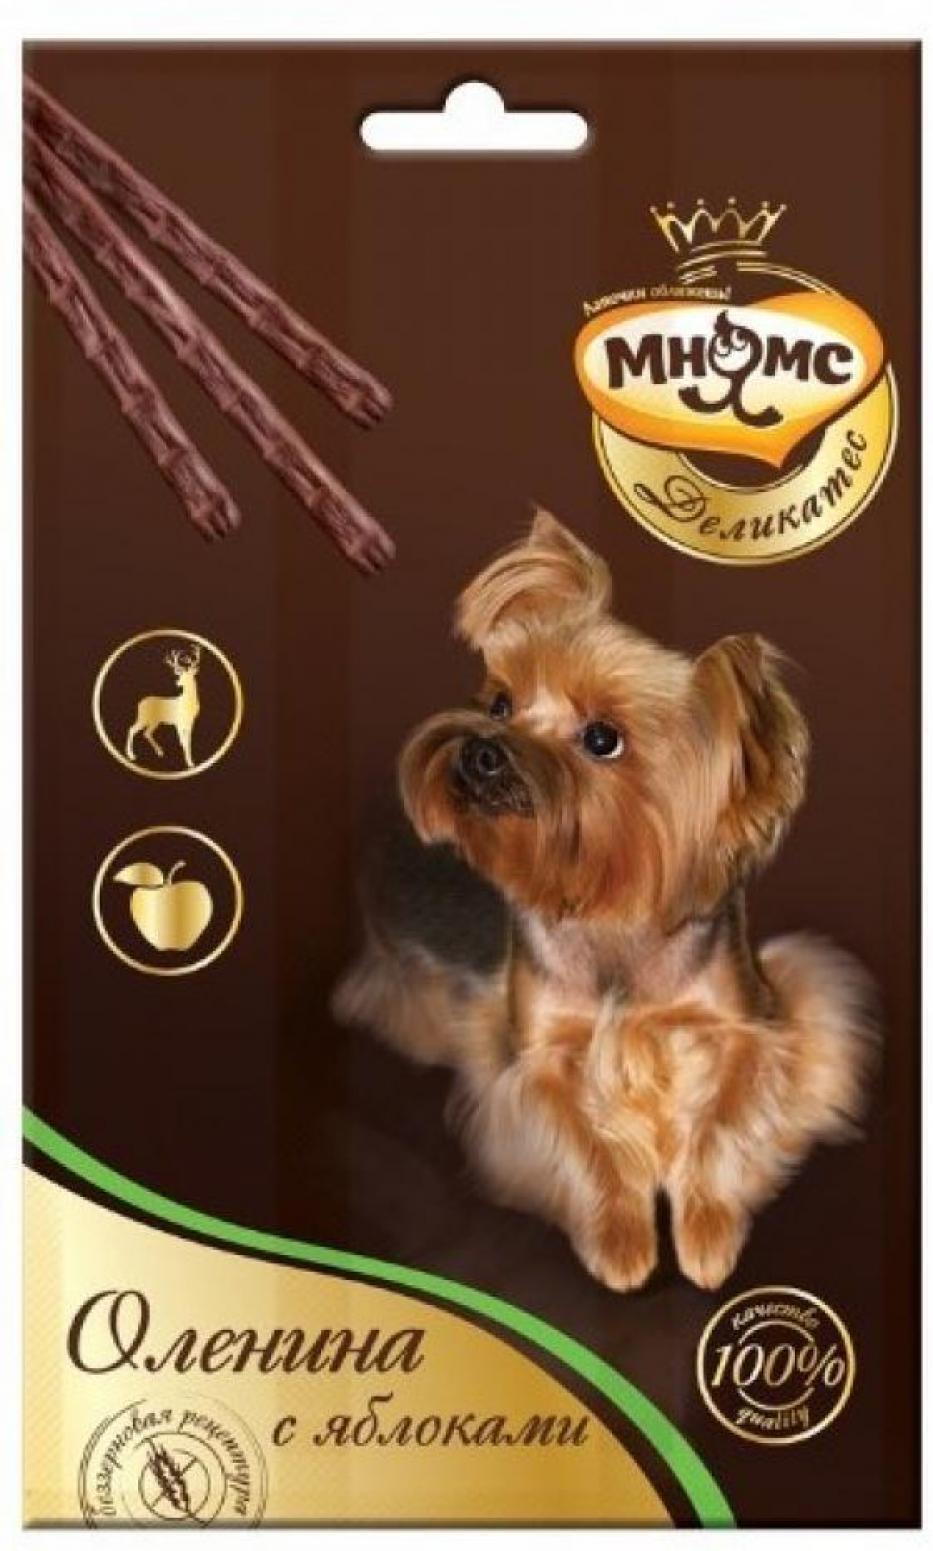 Мнямс Деликатес лакомые палочки 13,5 см для собак с олениной и яблоком 3х11 г, 4400100830